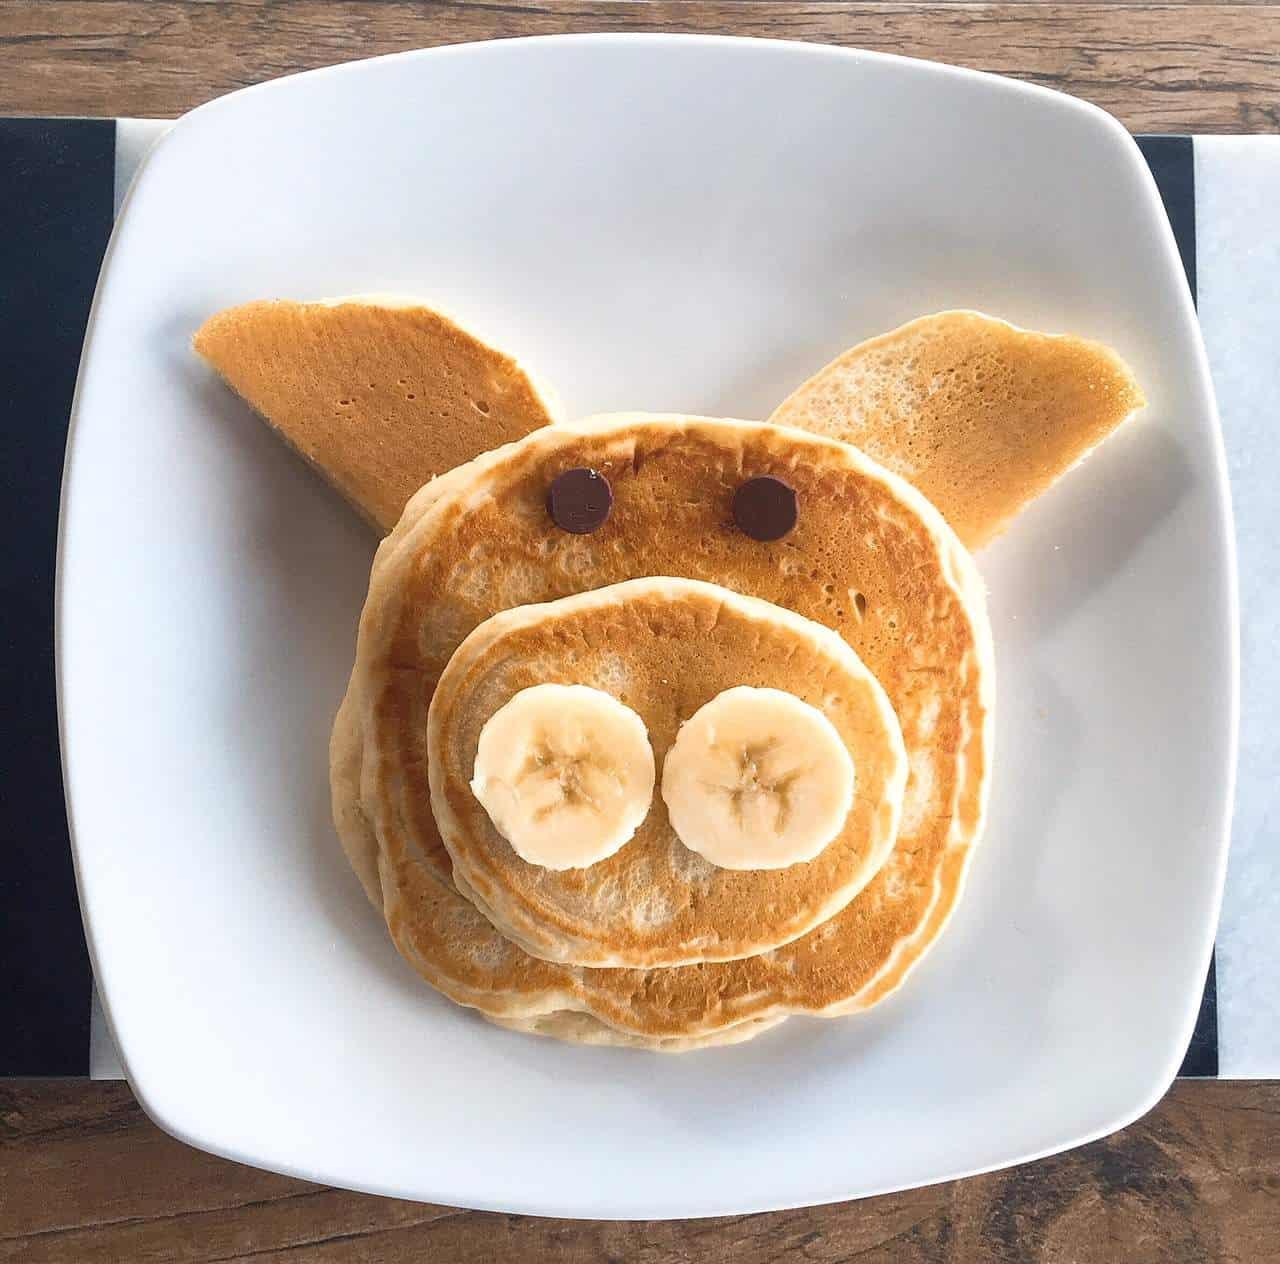 Pig animal-shaped pancakes